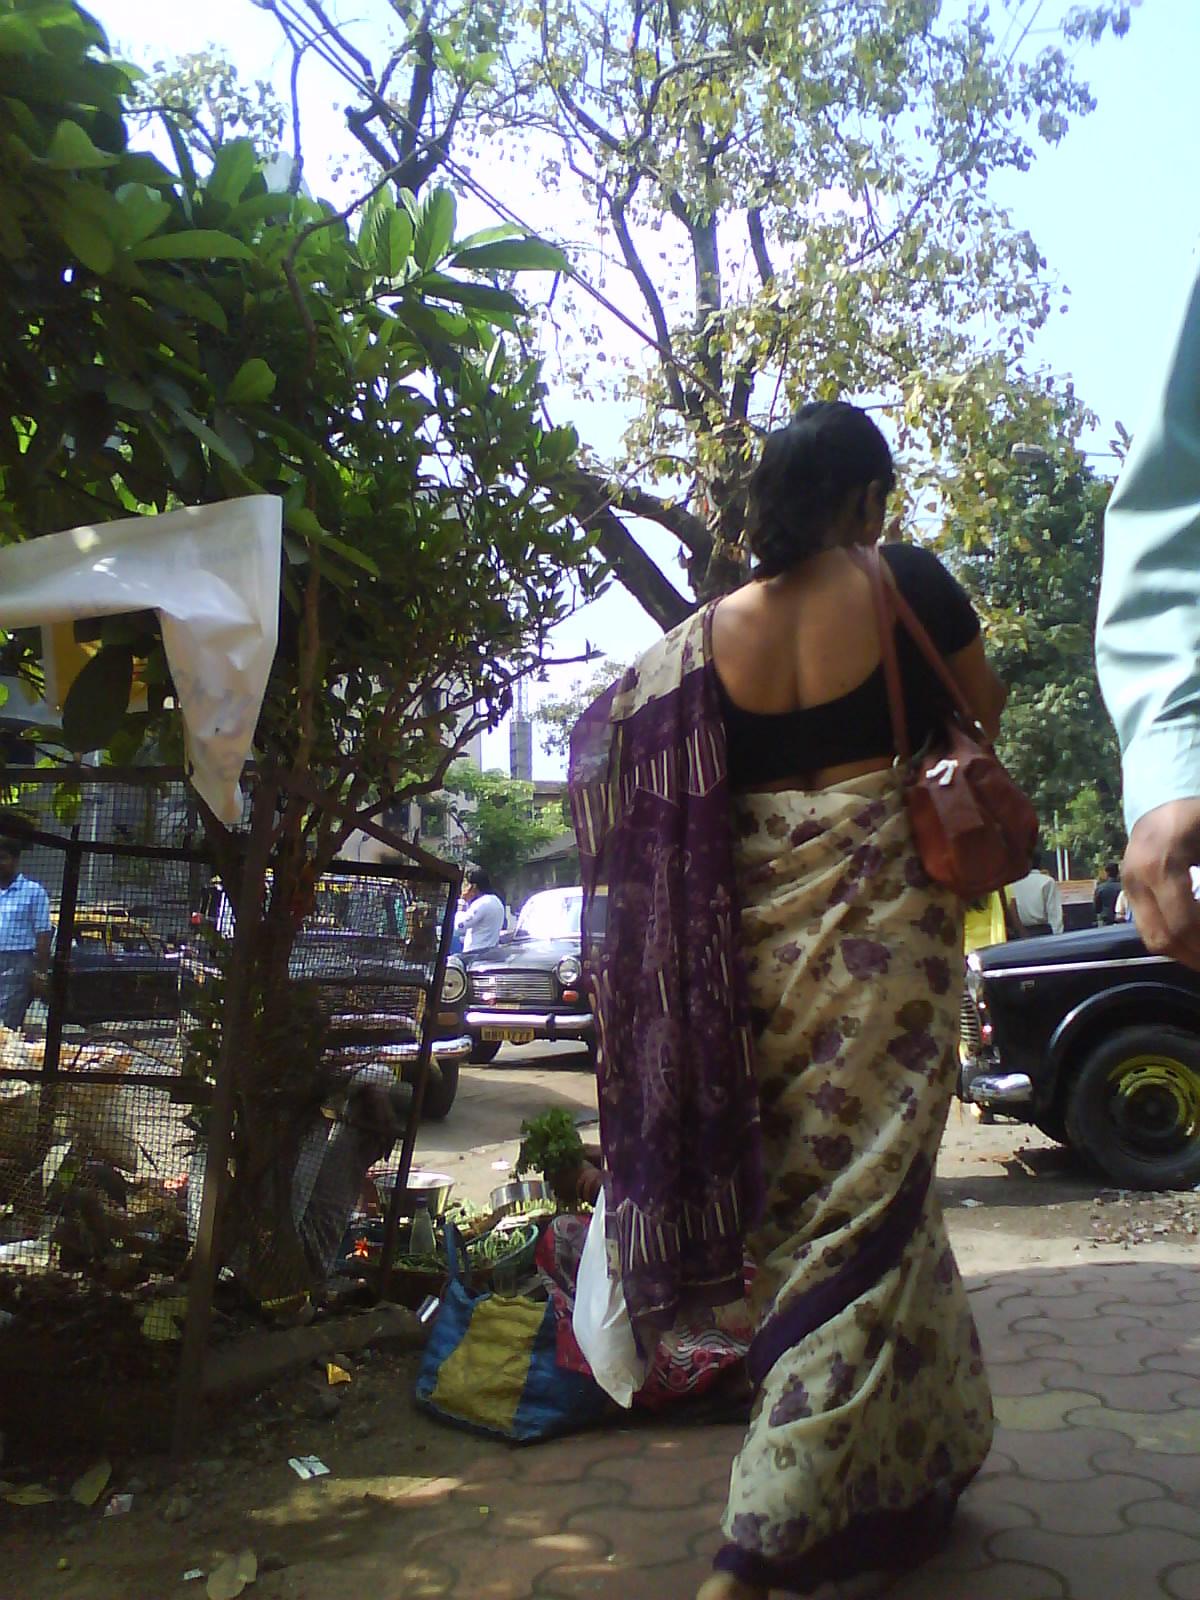 Back side sex